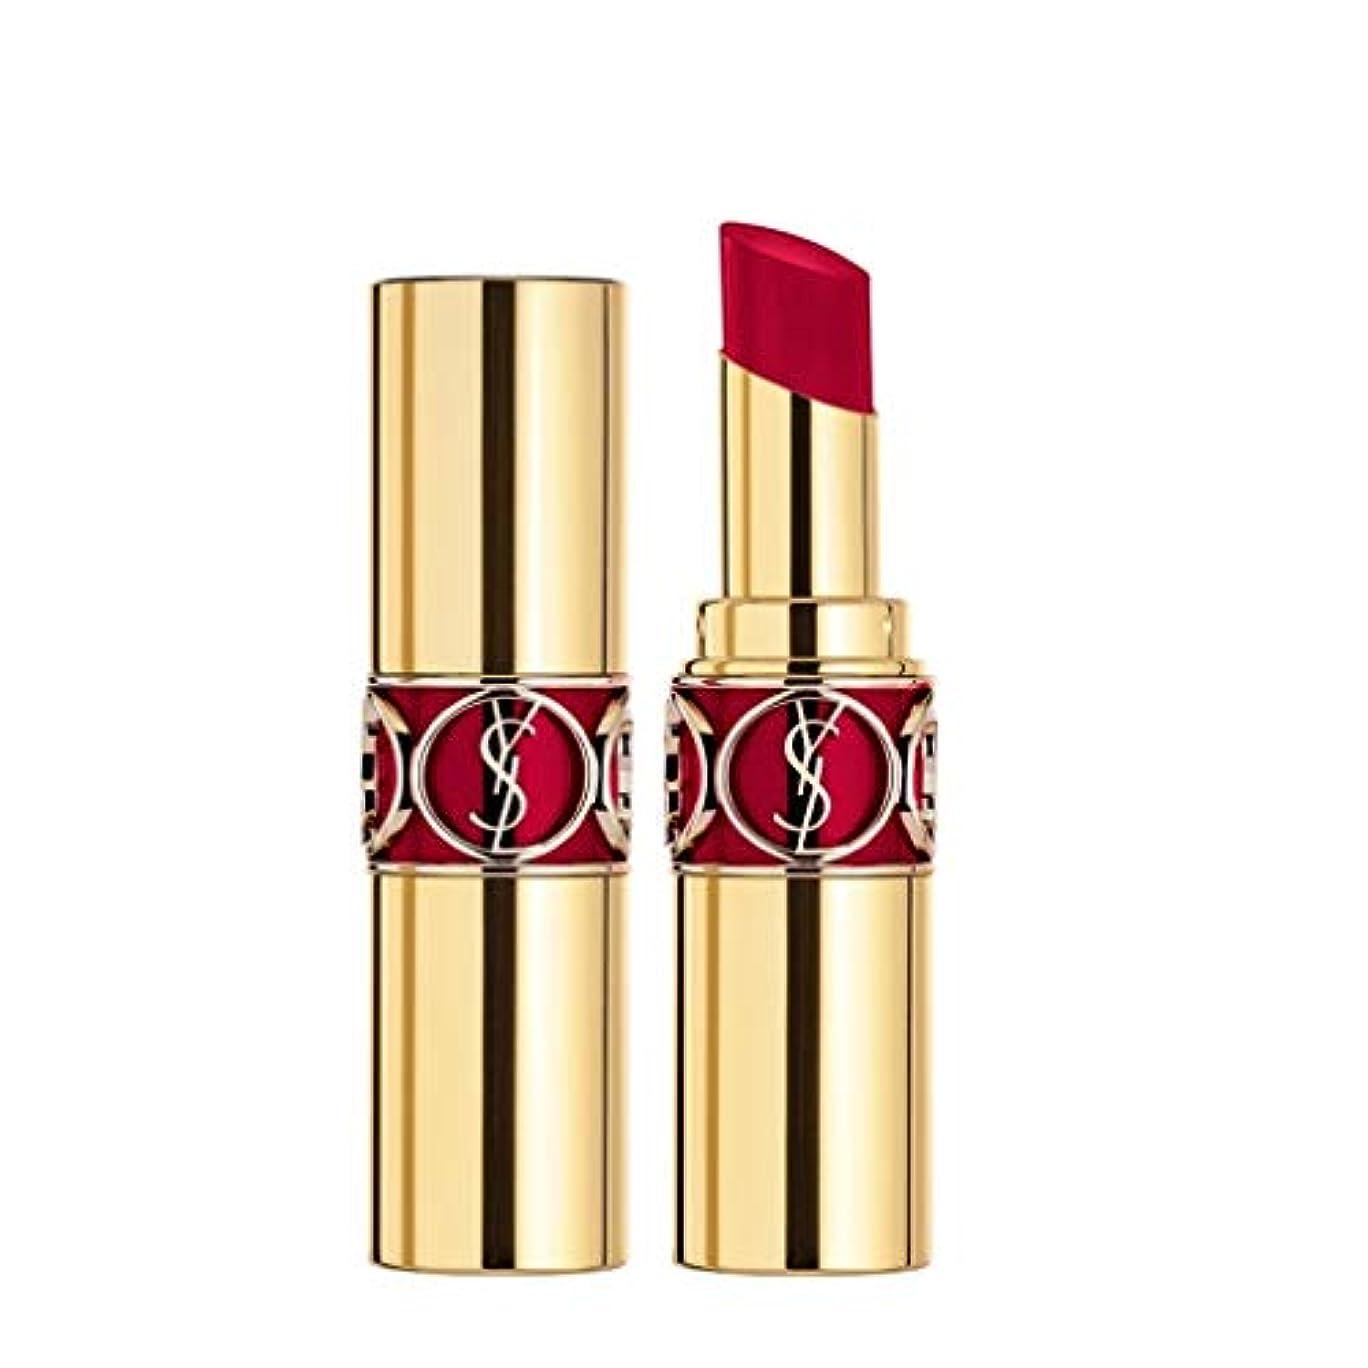 リッチ淡い必要性イヴサンローラン Rouge Volupte Shine - # 85 Burgundy Love 4.5g/0.15oz並行輸入品